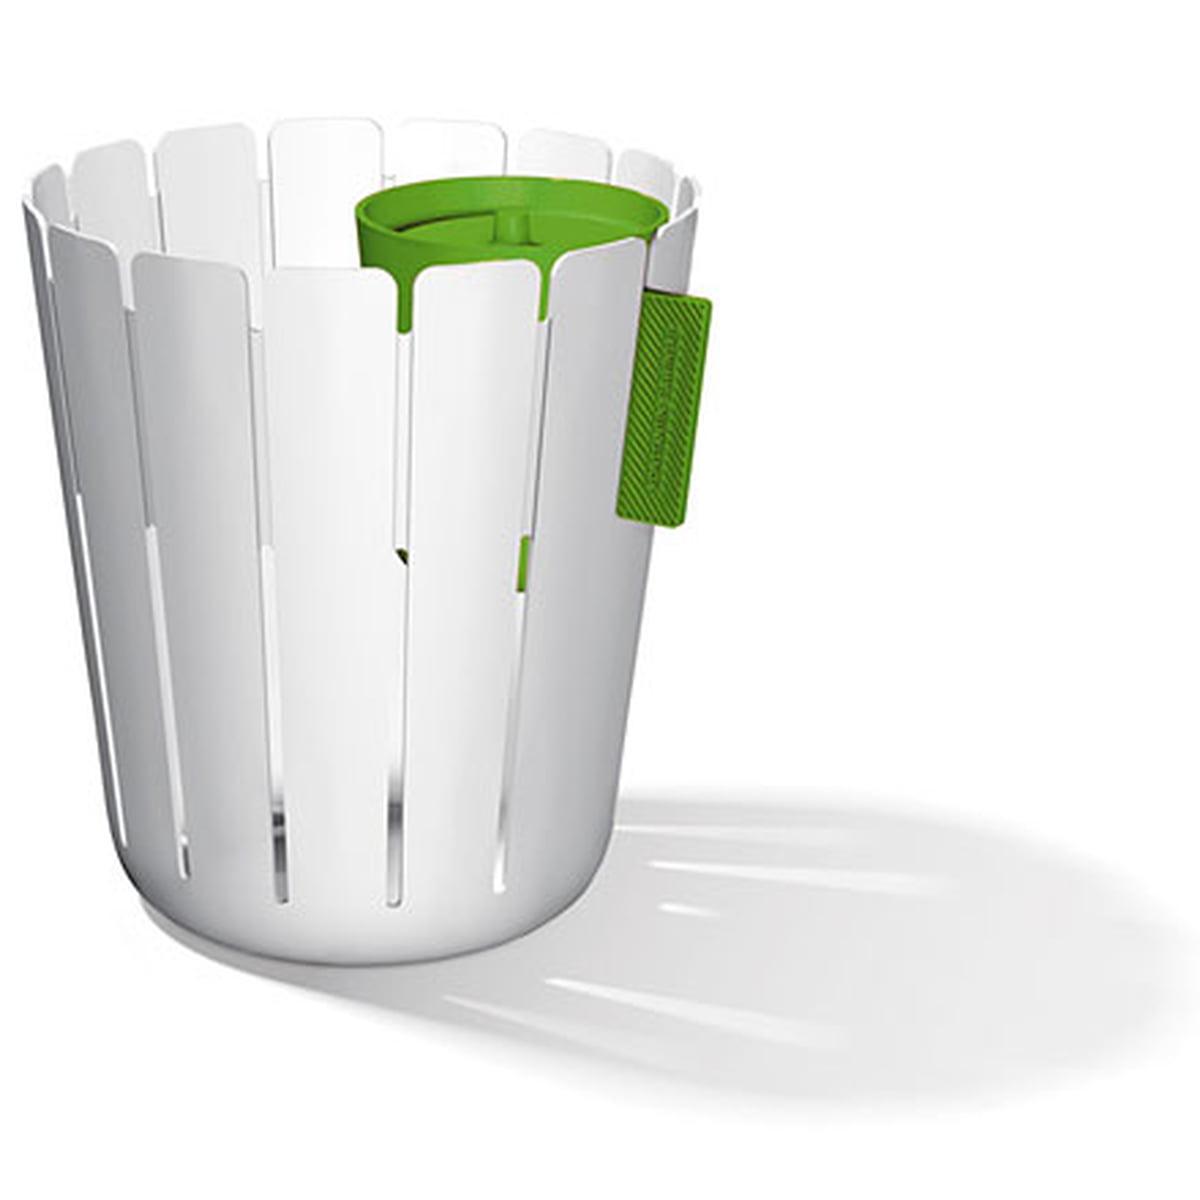 Konstantin Slawinski - SL17 Basketbin Mülleimer-System, weiß / grün (2 Tlg.)   Küche und Esszimmer > Küchen-Zubehör   Weiß   Polypropylen   Konstantin Slawinski